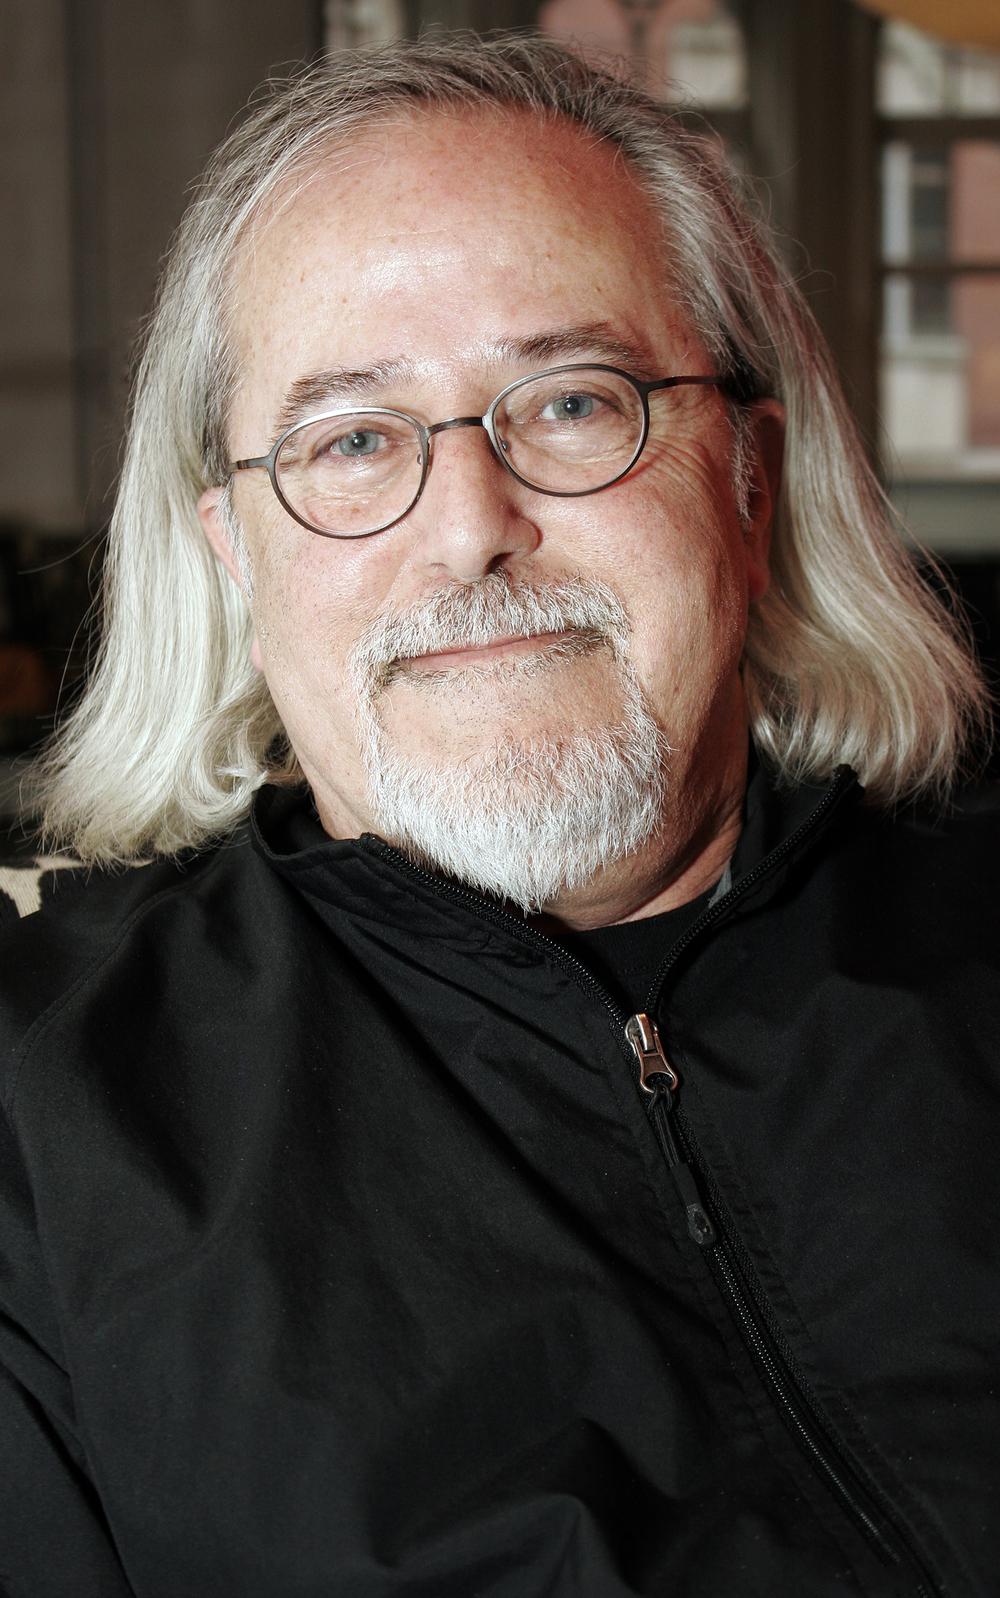 Aurelio Saiz